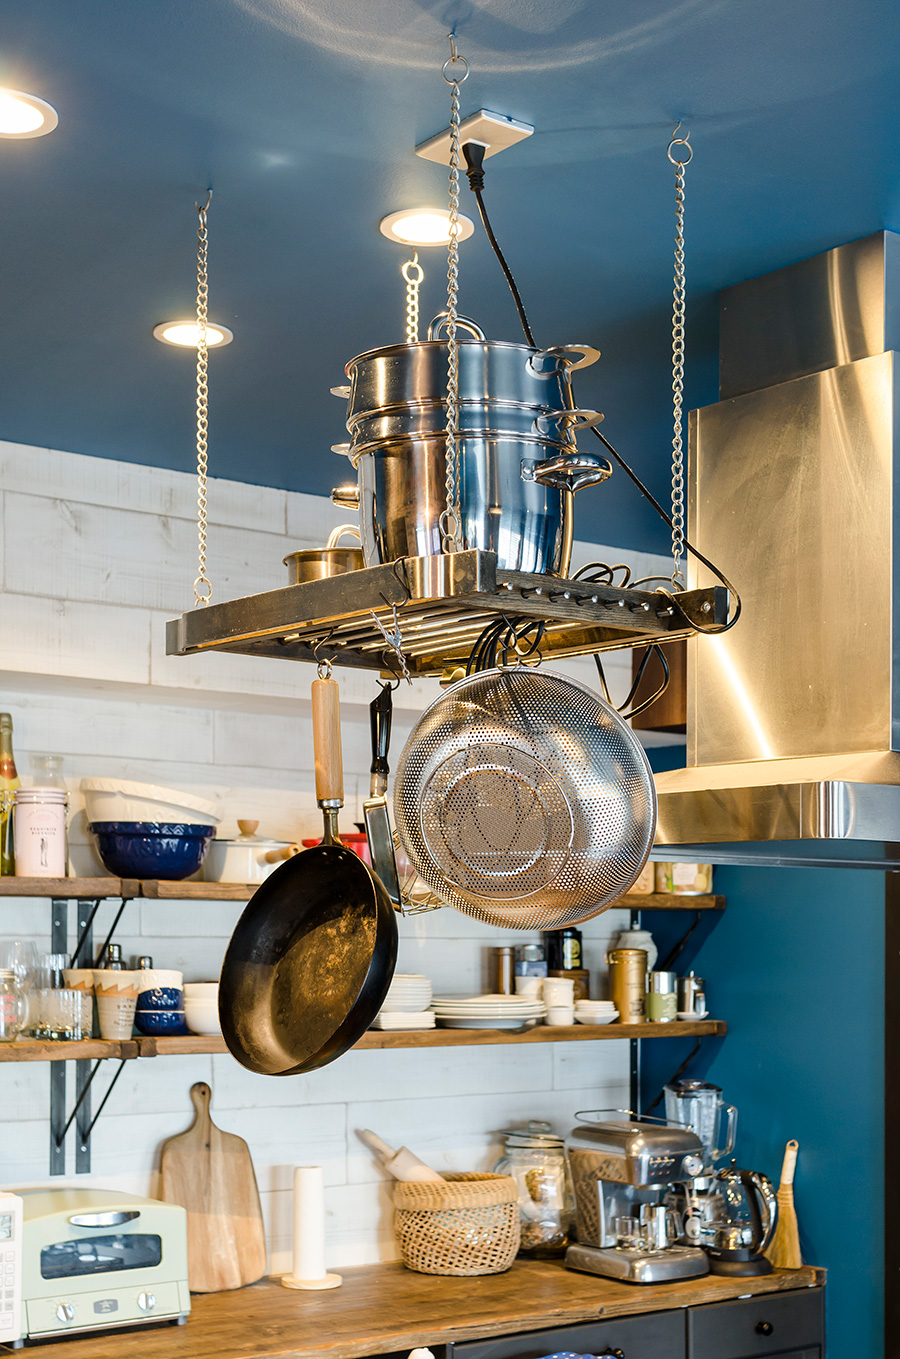 「IKEA Hack」を参考にDIYしたキッチンの収納ラック。